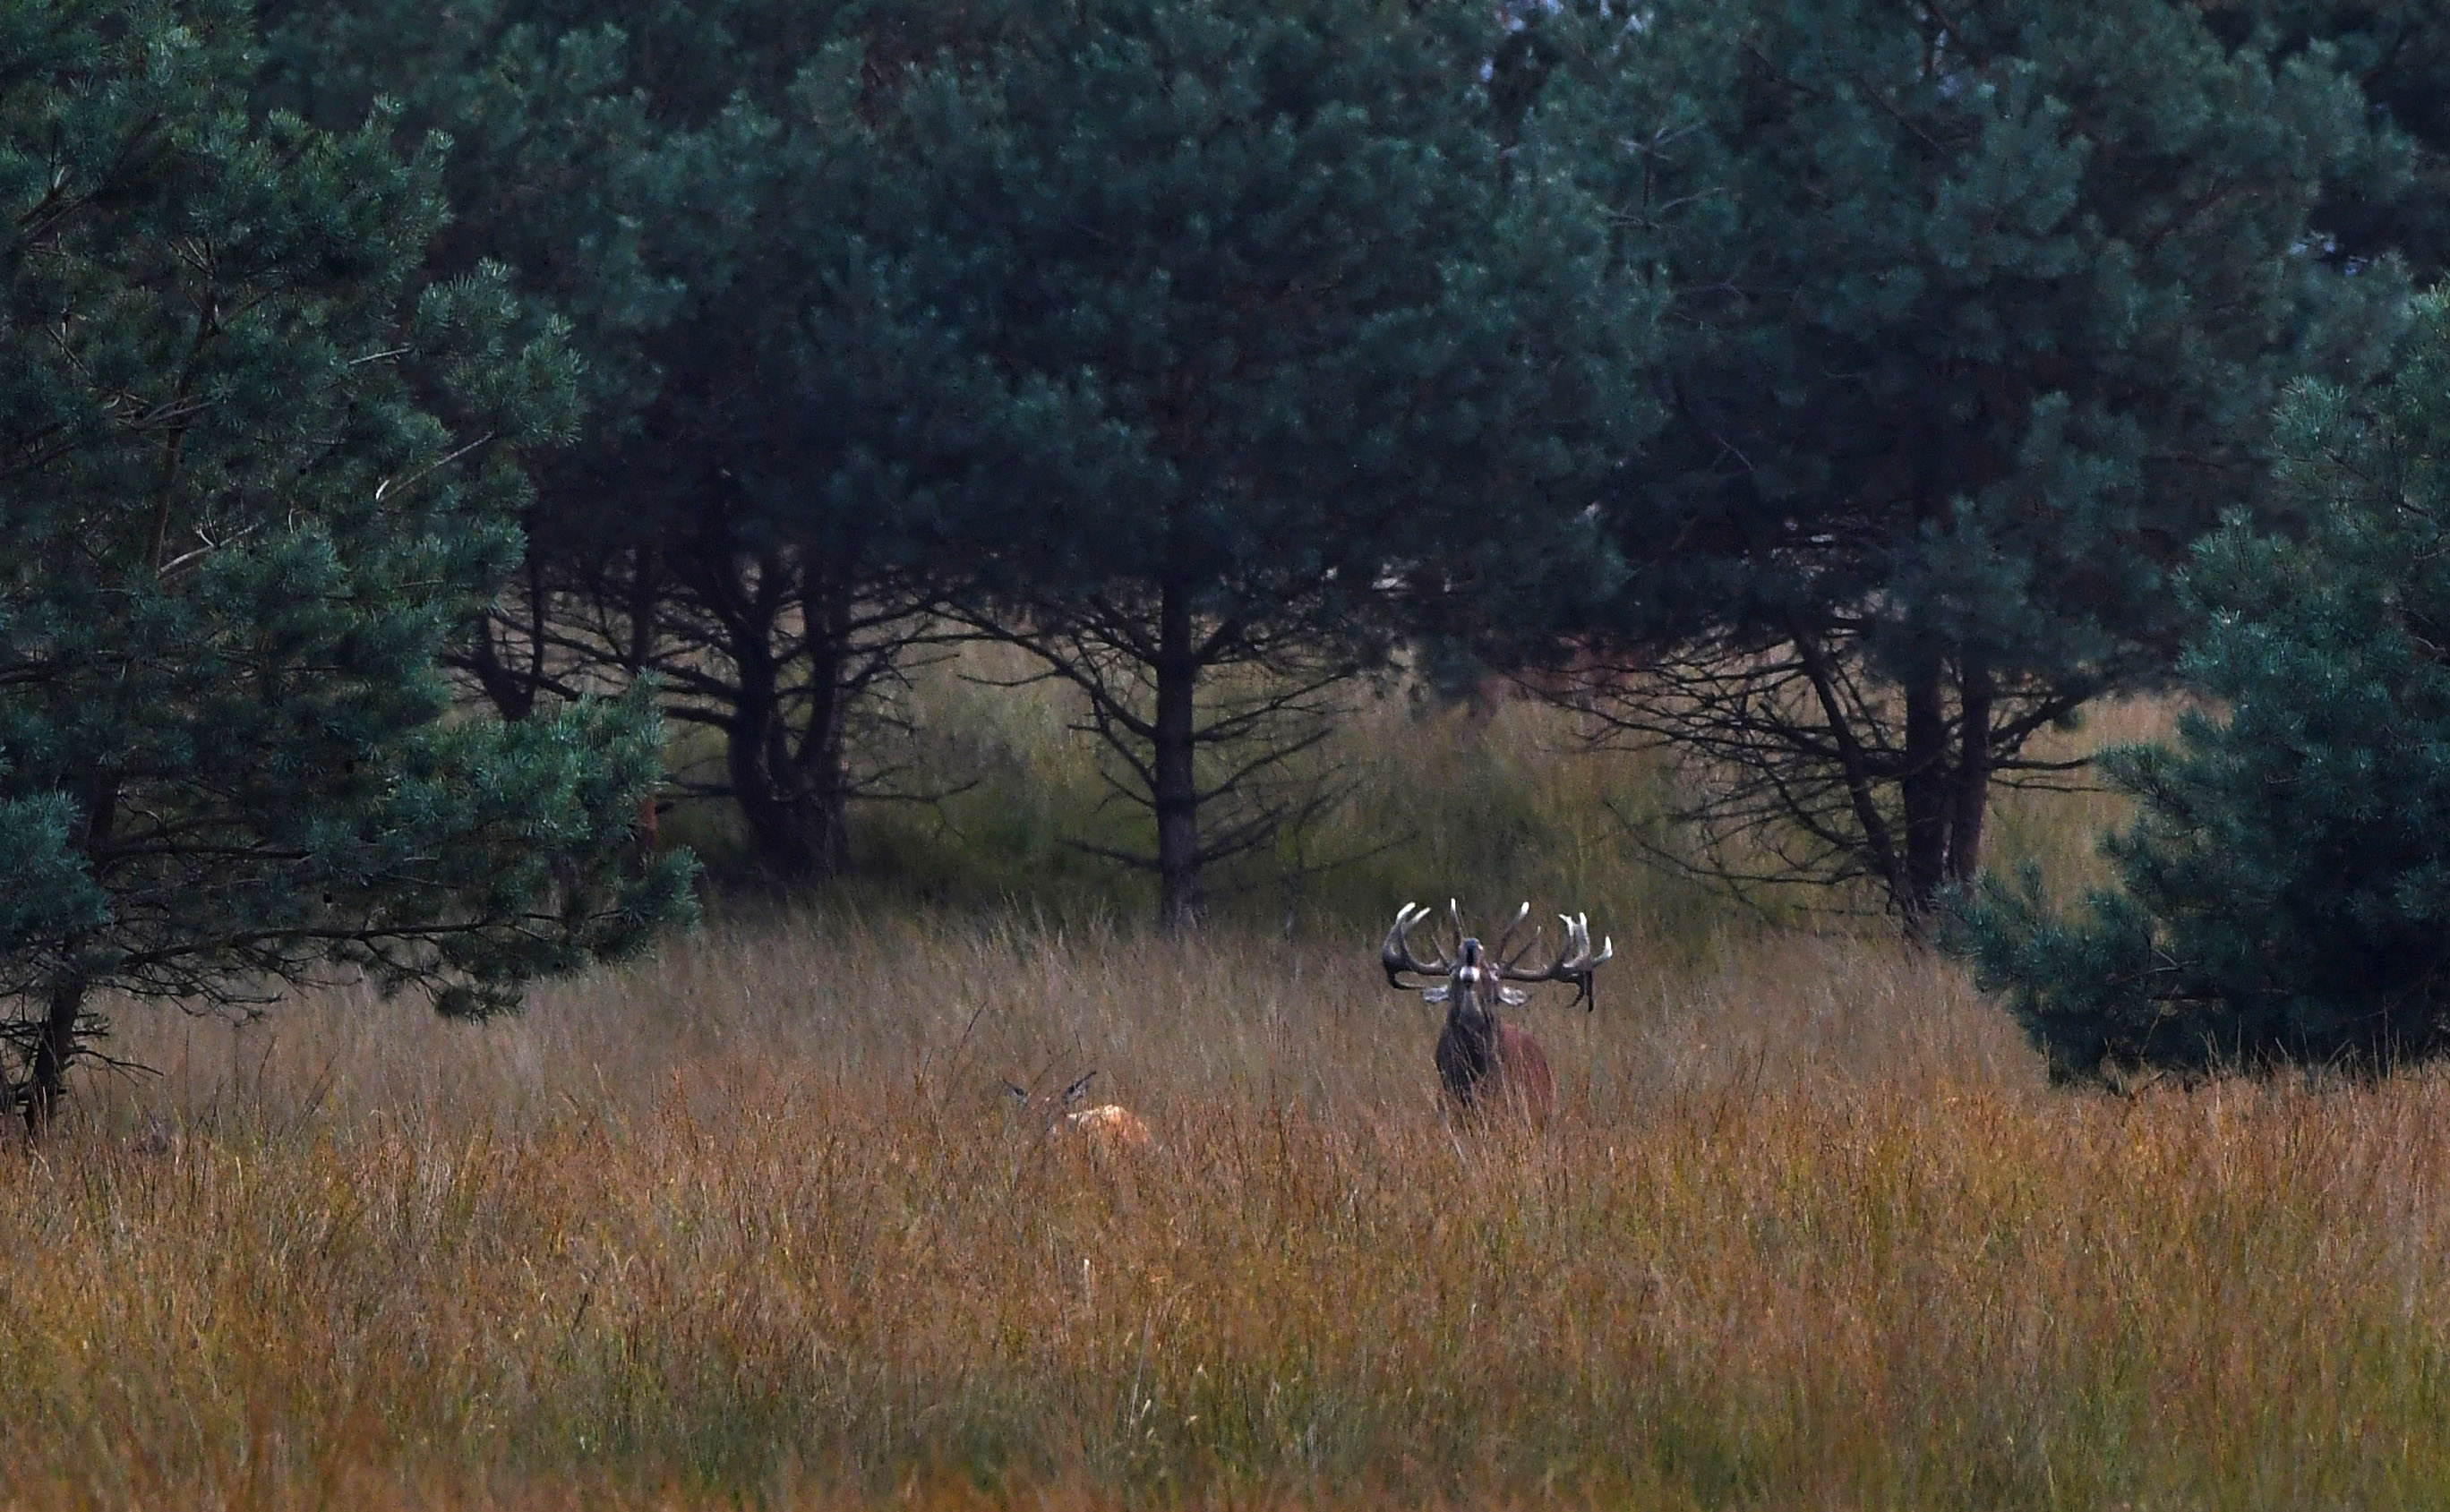 Het hert laat zijn bekende bronstroep over het vrije veld denderen - Foto: ©Louis Fraanje